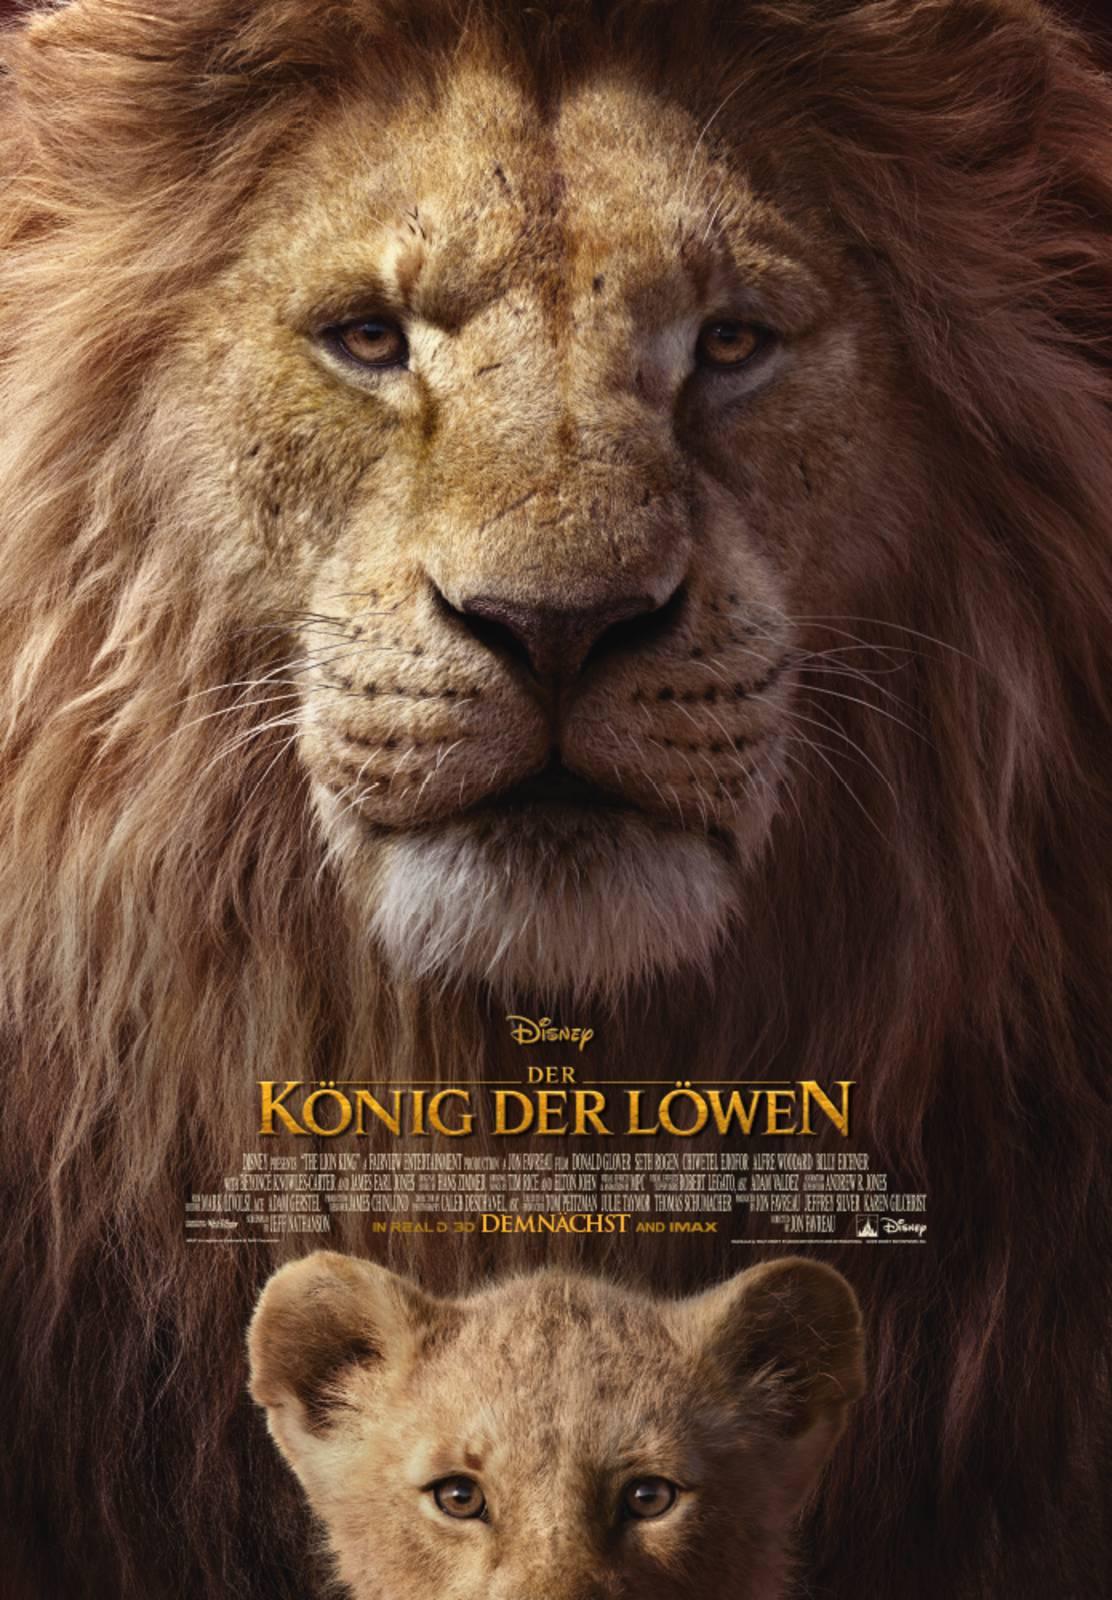 Bildergebnis für könig der löwen